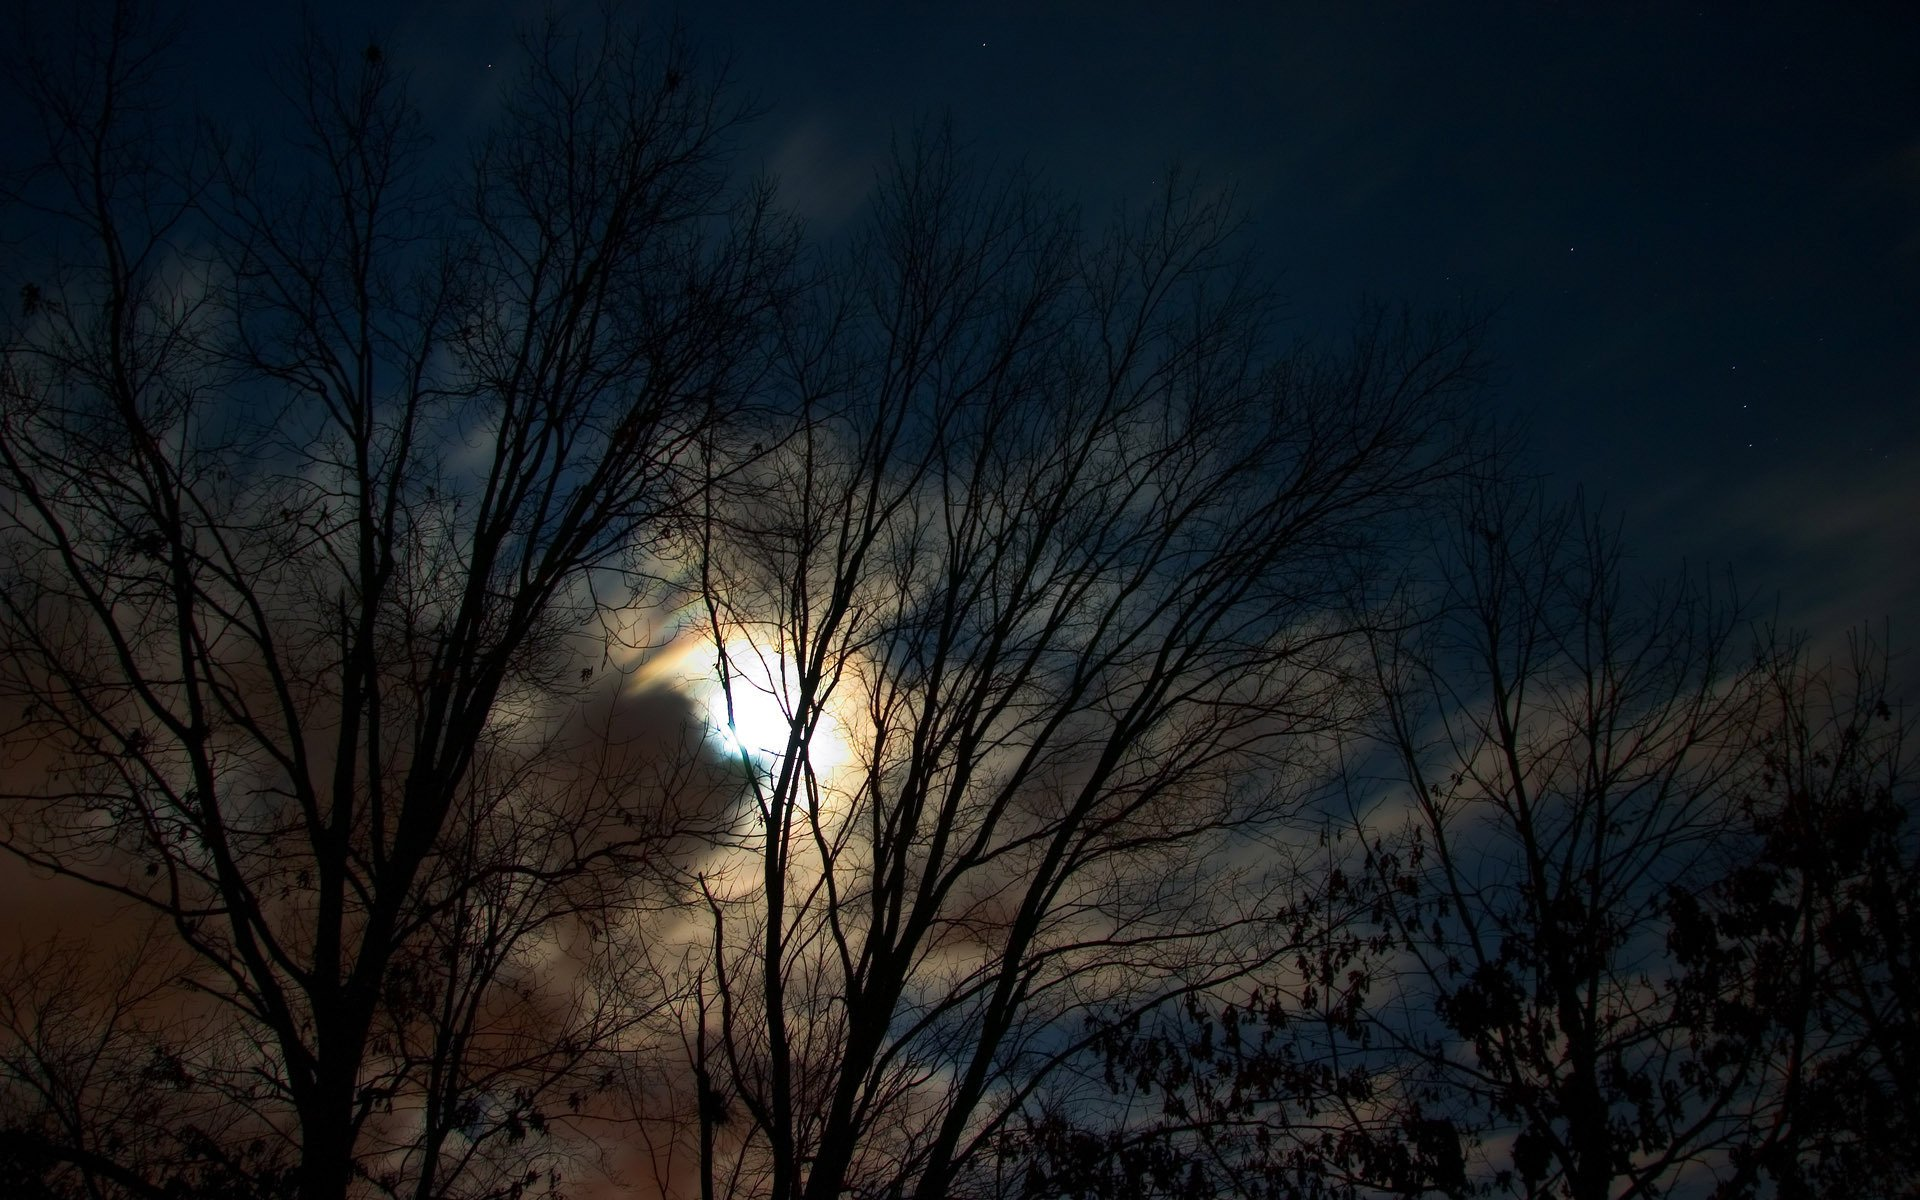 Открытка с темной ночью